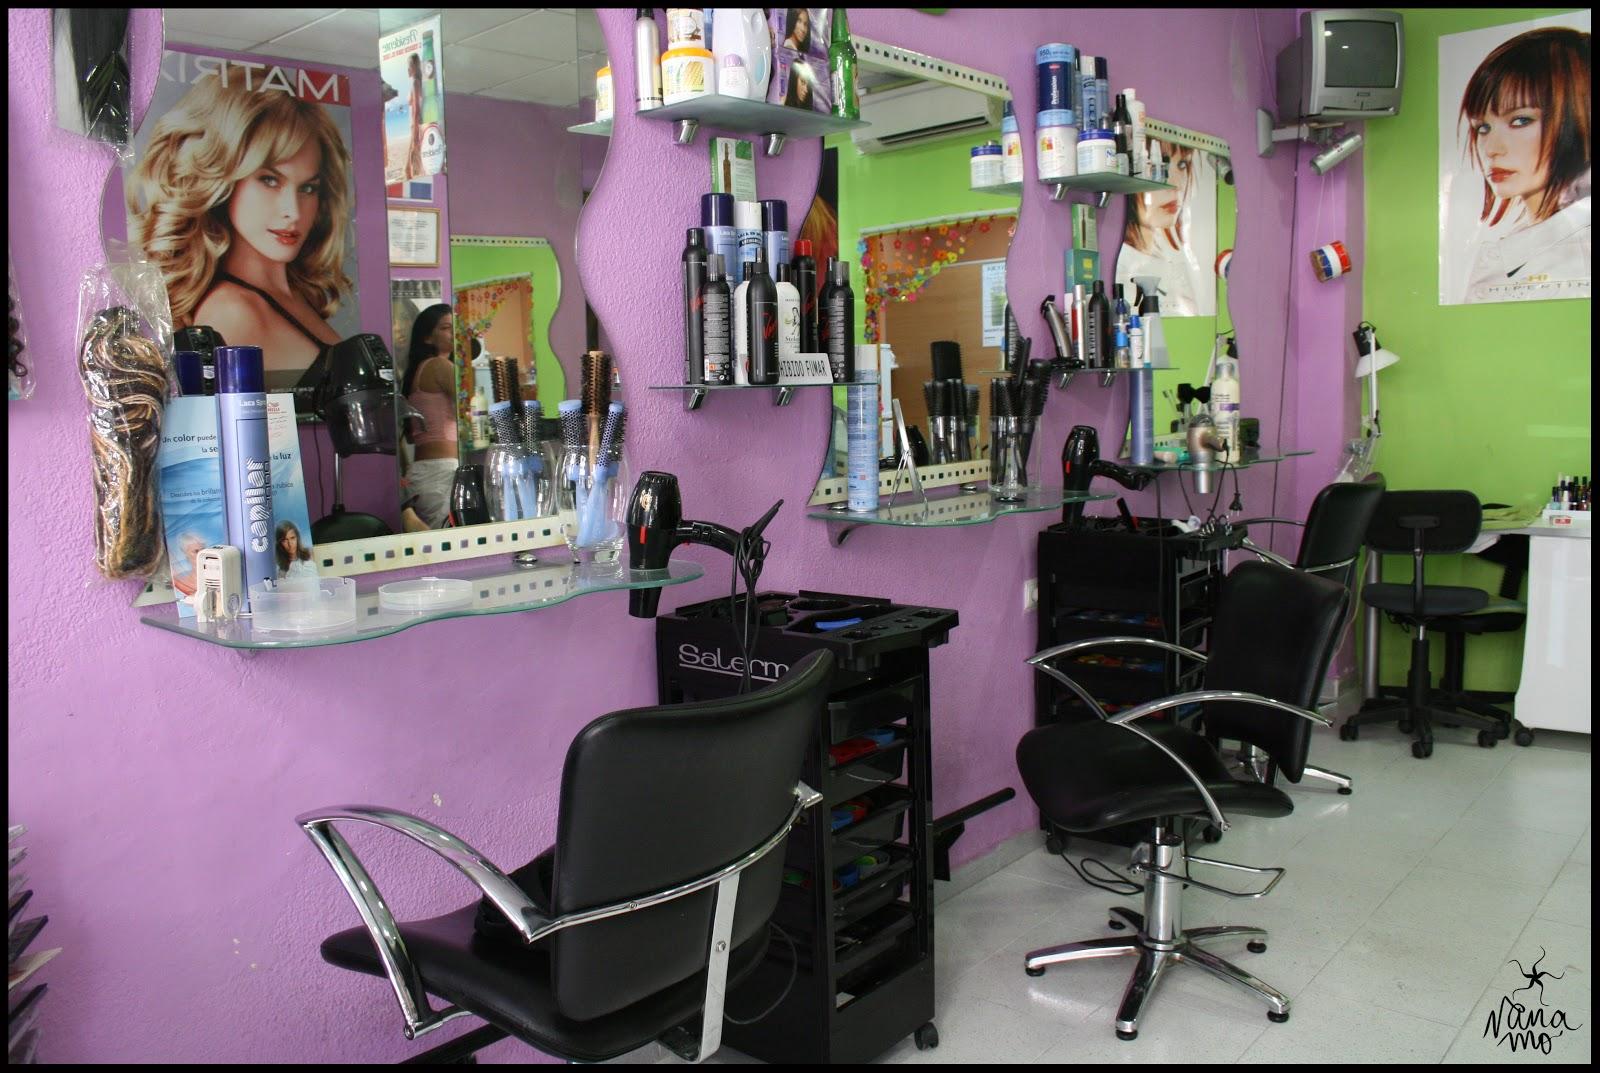 Nana mo establecimientos peluquer as - Diseno peluqueria ...